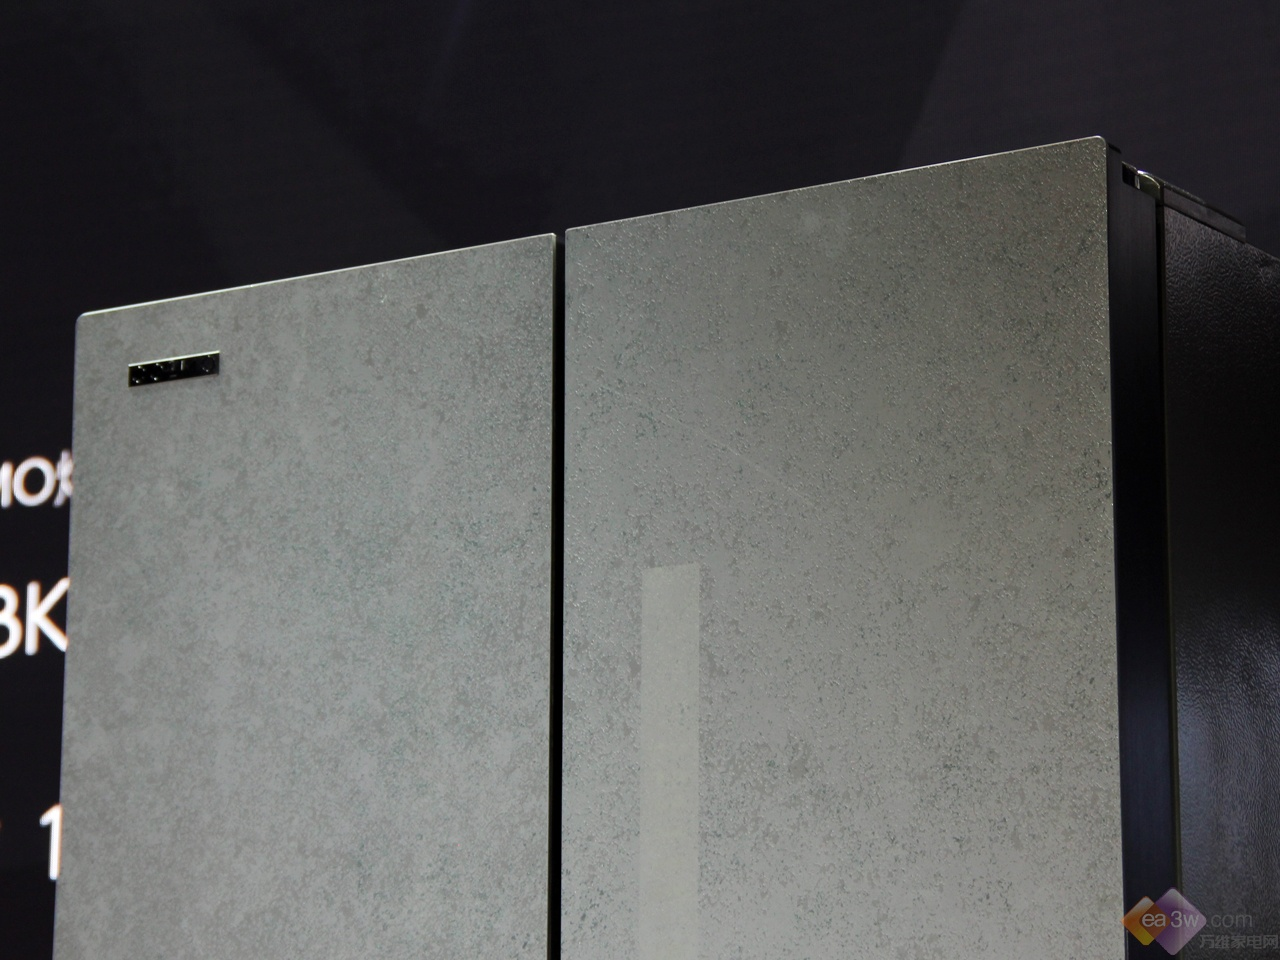 COLMO熔幔岩系列冰箱IFA首发真机图赏:首创熔幔岩面板